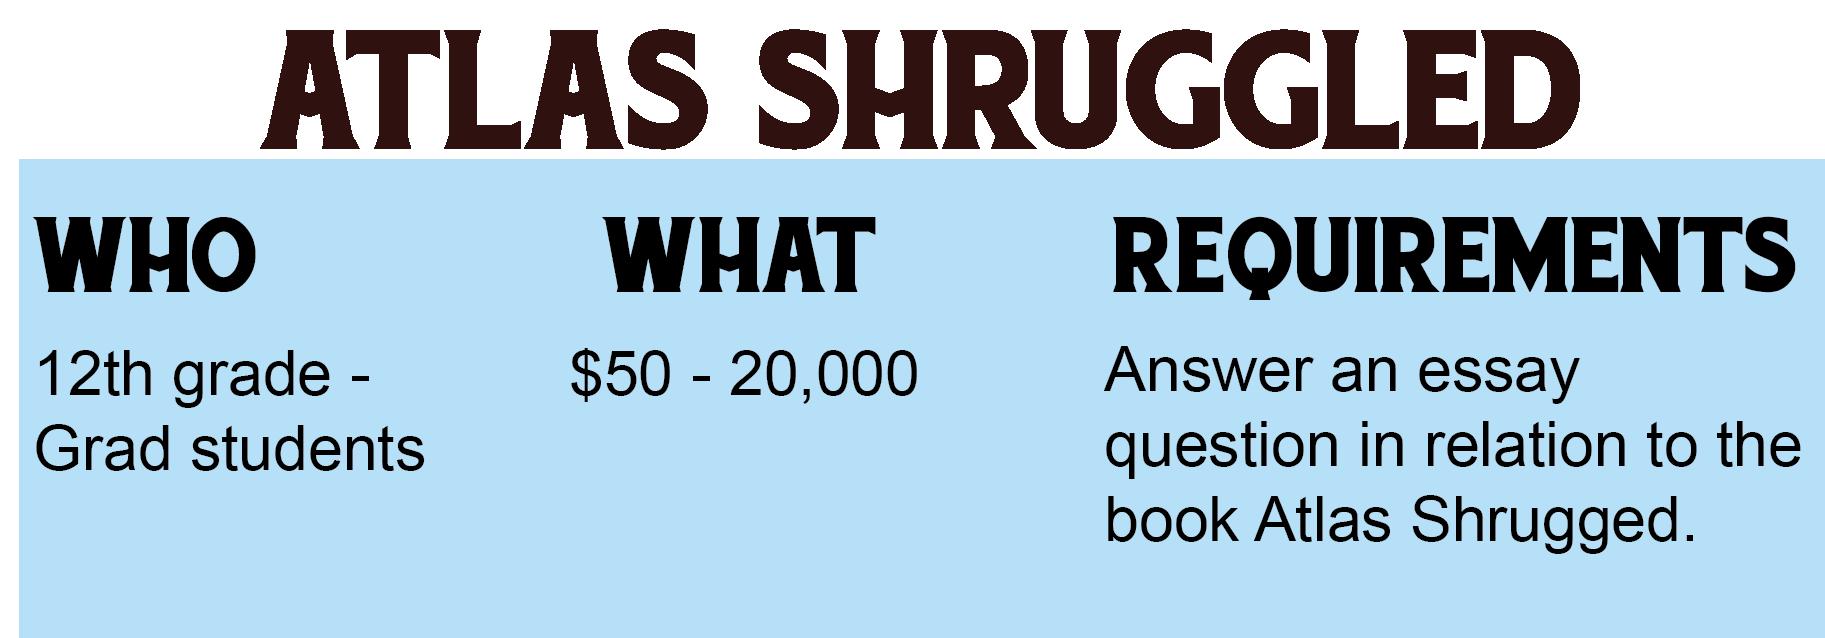 Atlas shrugged essay contest